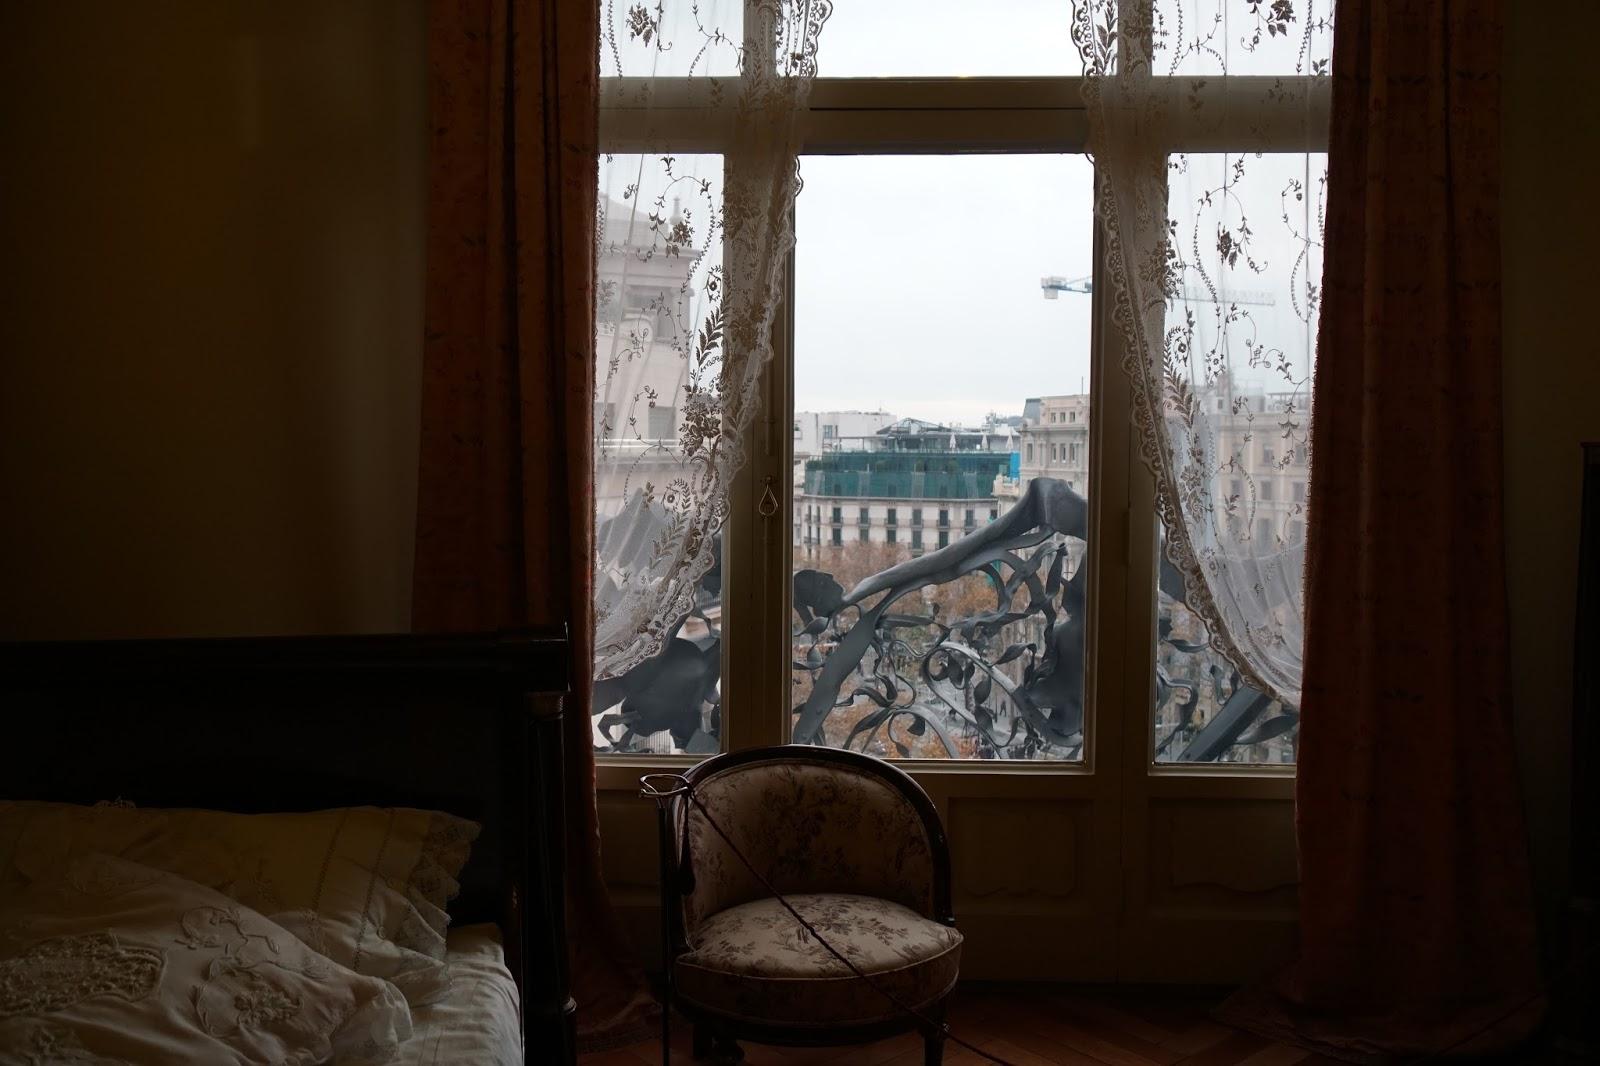 カサ・ミラ(Casa Milà) 窓から見えるテラスにある海藻のような鉄の手すり